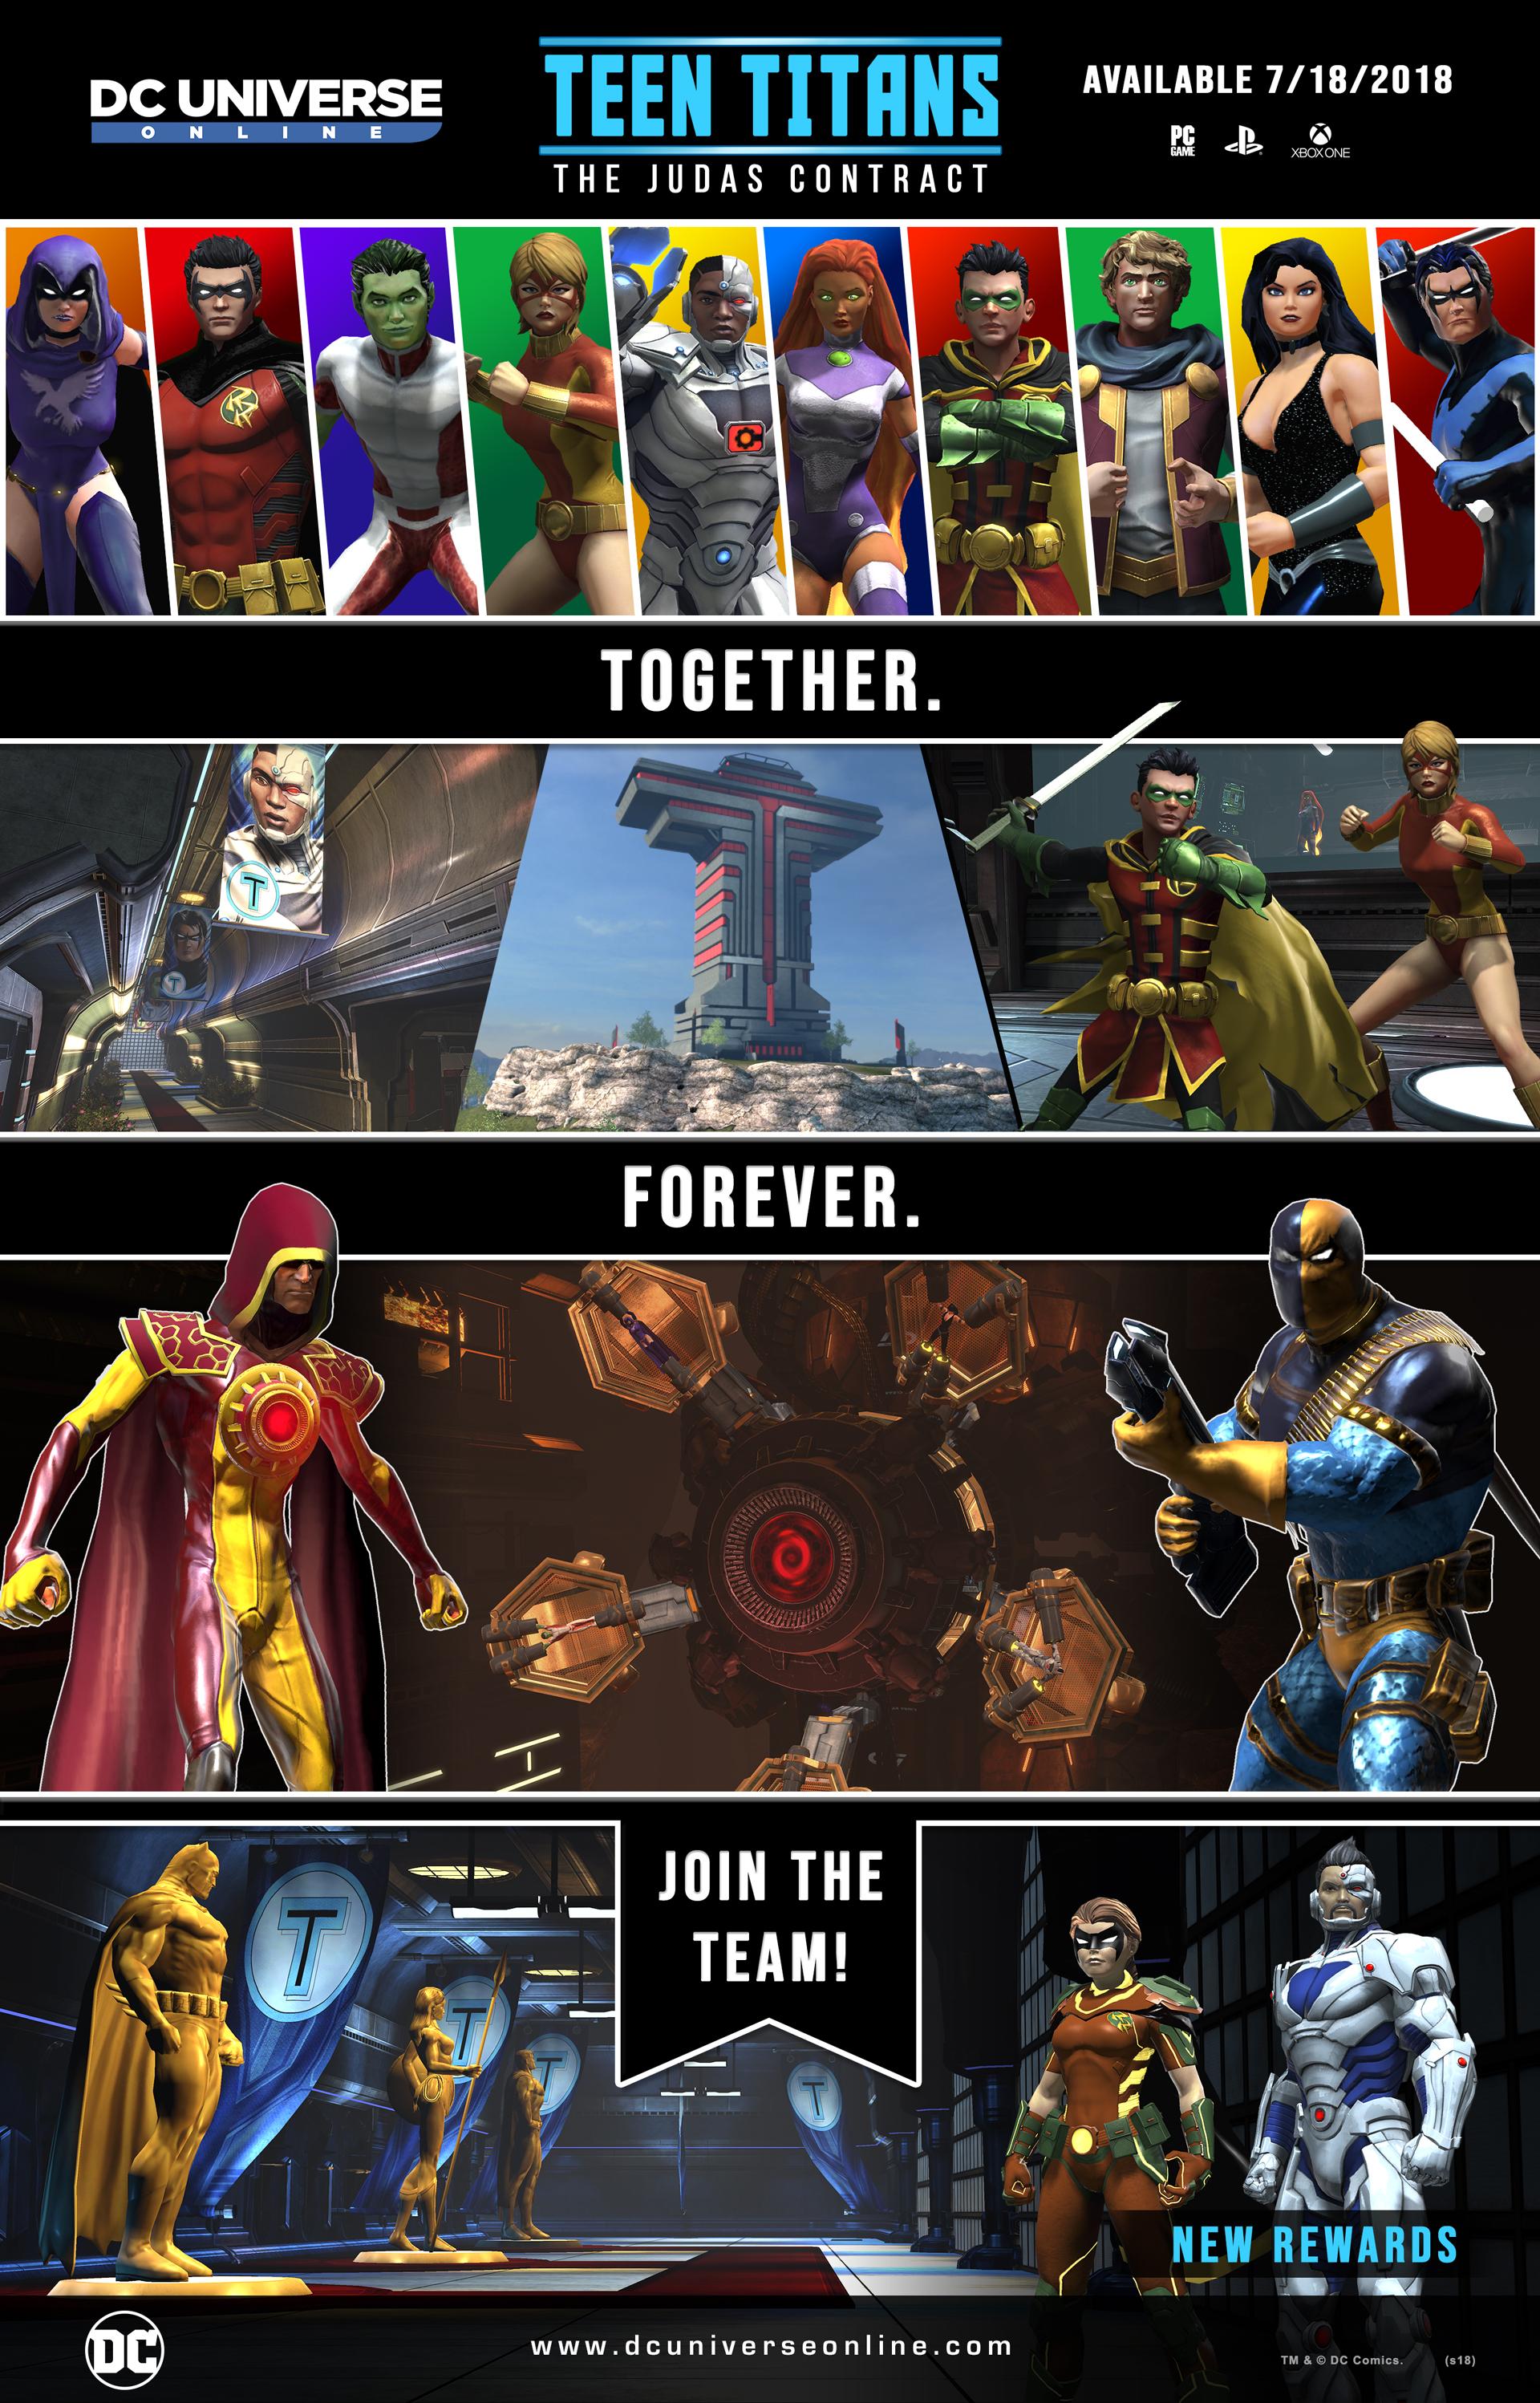 Teen Titans Judas Contract  Daybreak Game Company-9681